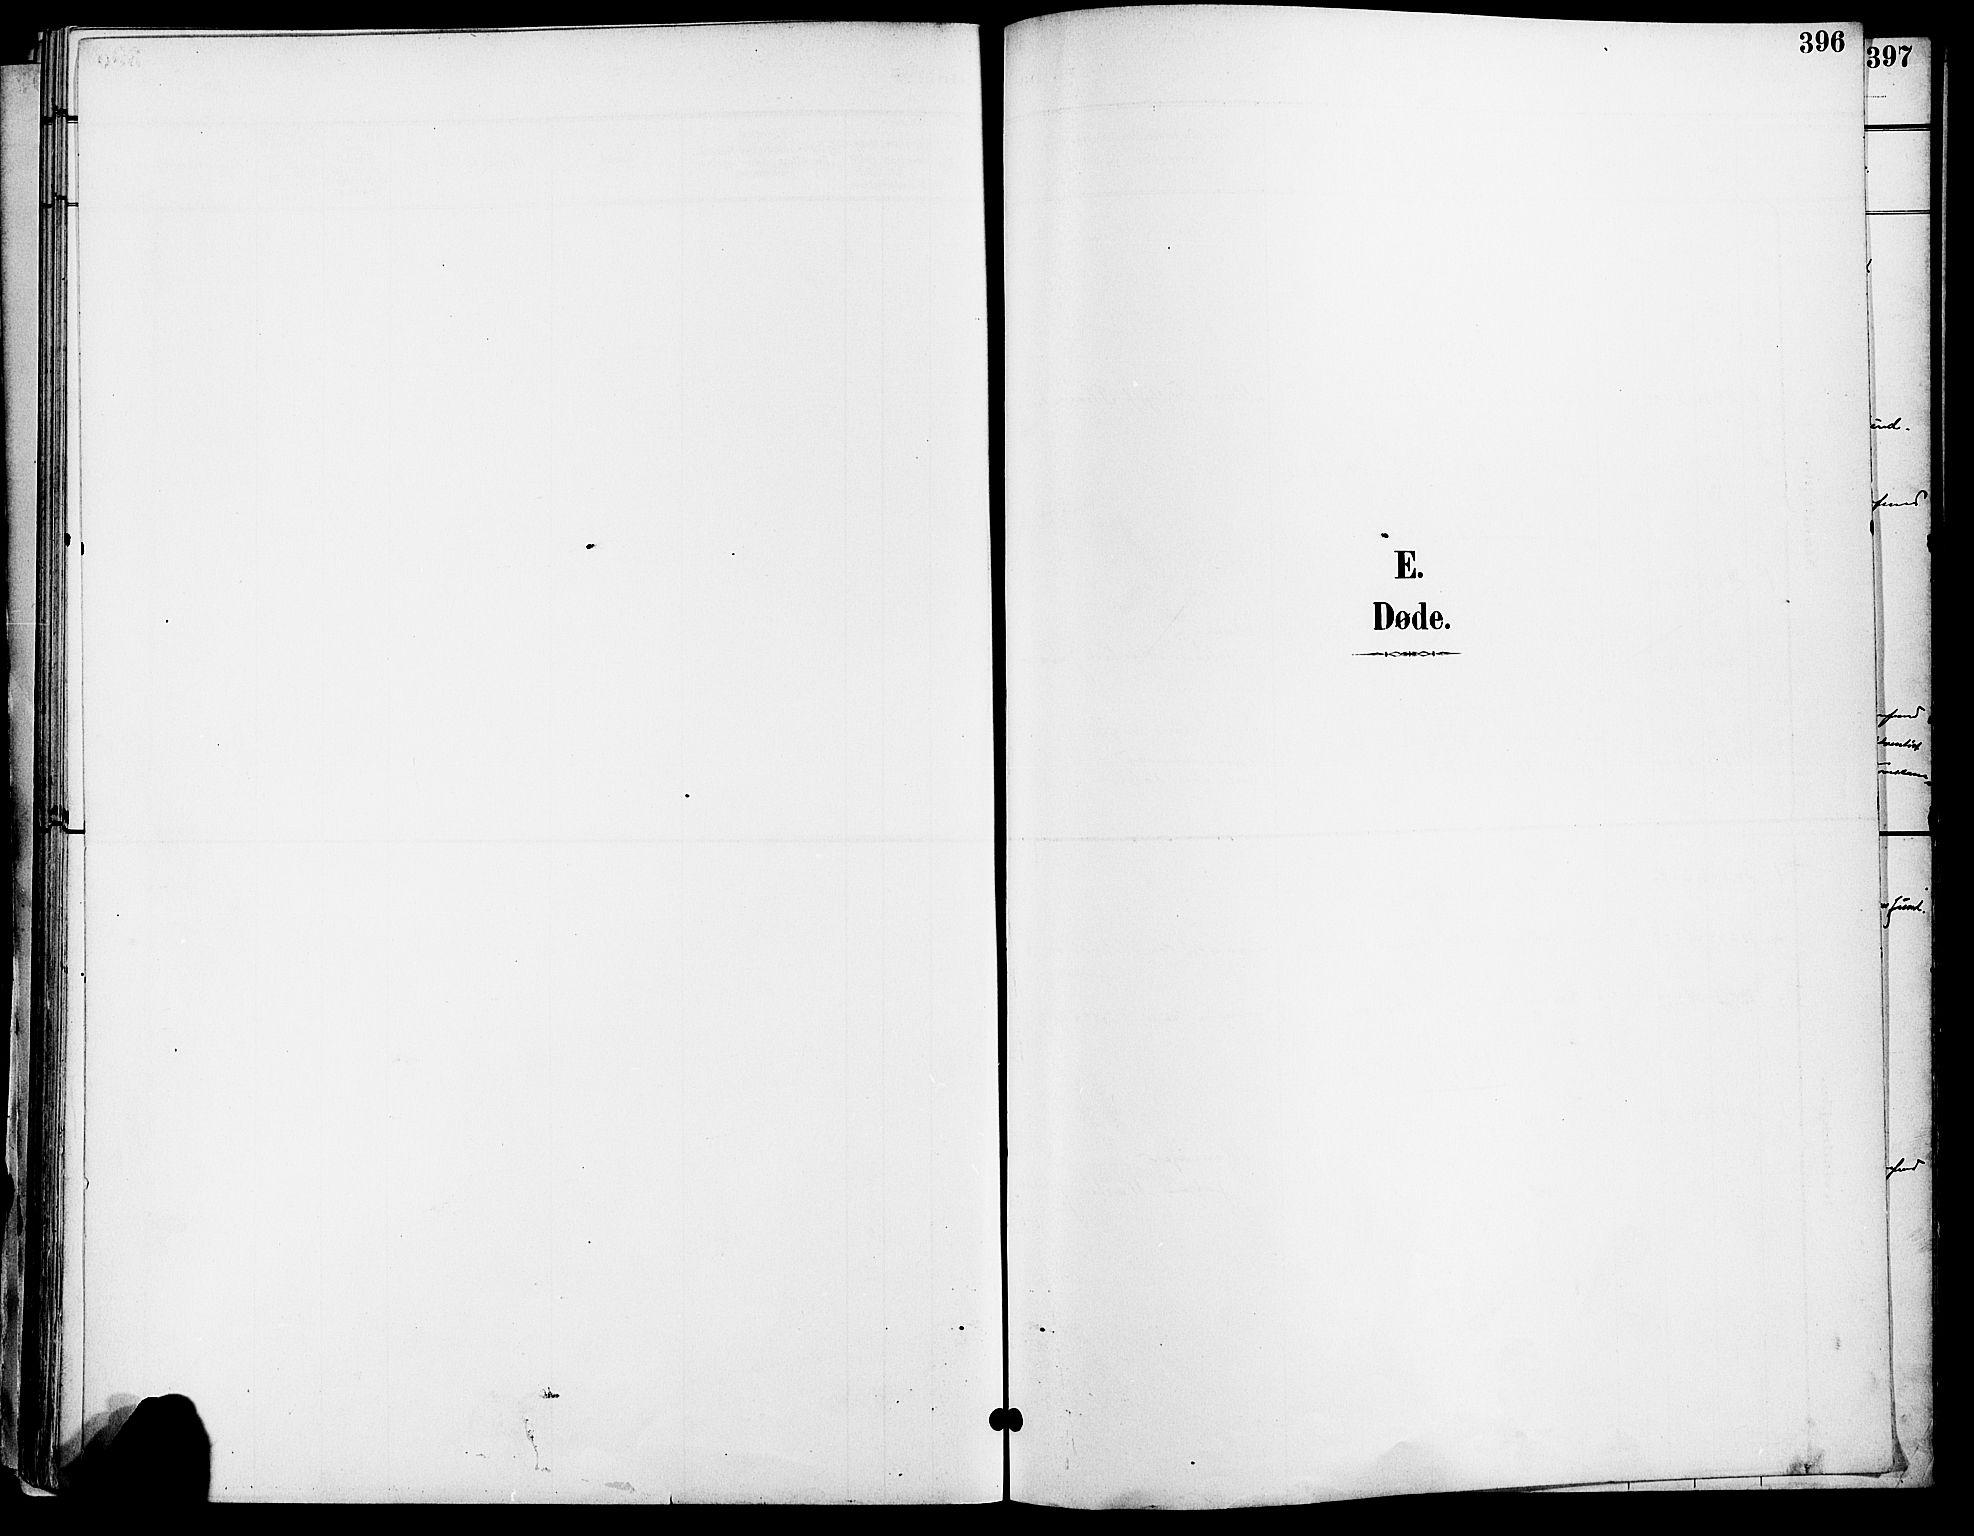 SAO, Gamle Aker prestekontor Kirkebøker, F/L0011: Ministerialbok nr. 11, 1896-1901, s. 396